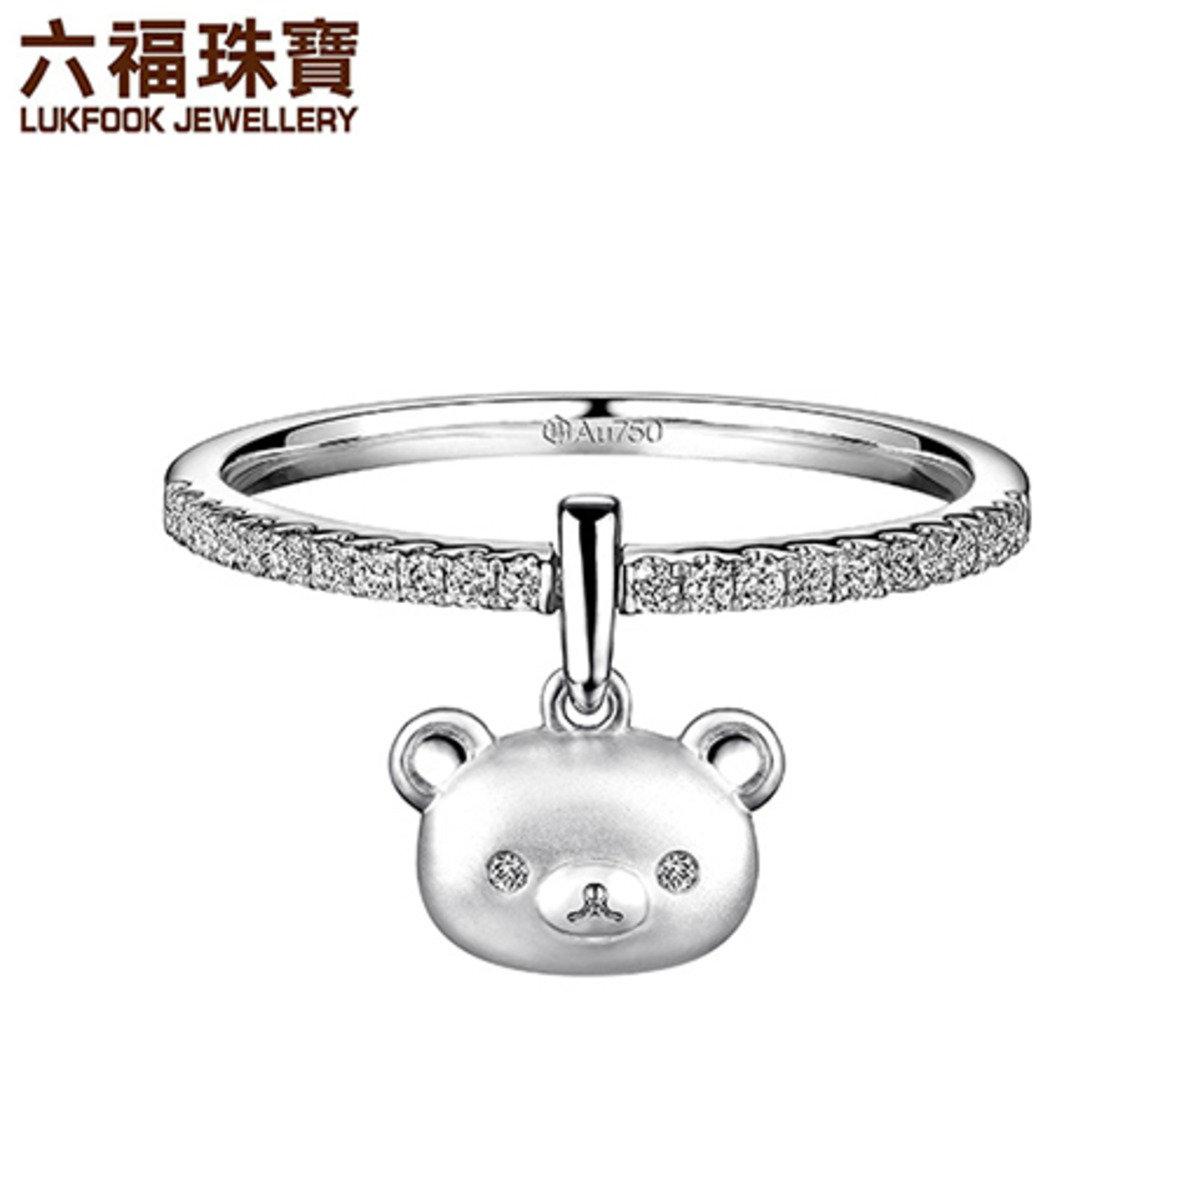 輕鬆小熊 18K/750金(白色)鑲鑽石戒指